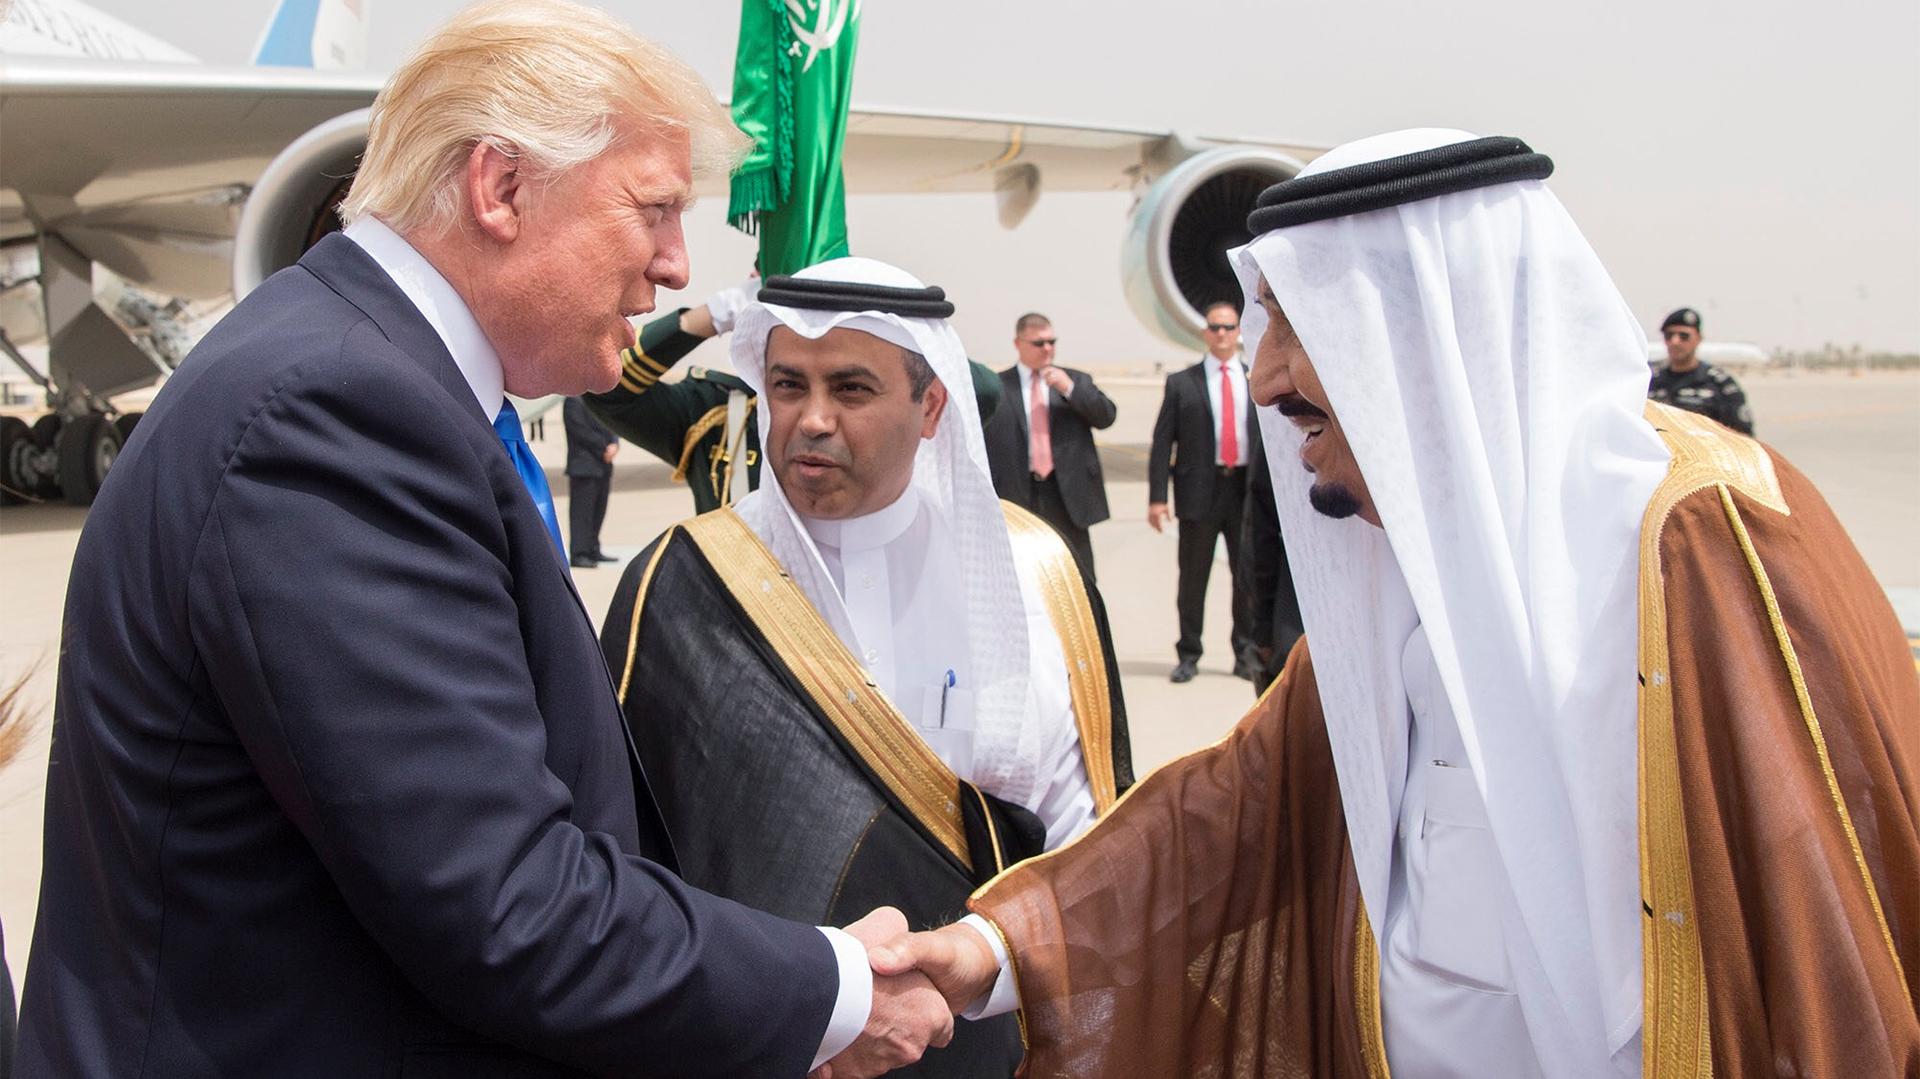 El rey de Arabia Saudita, Salman bin Abdulaziz al Saud, y el presidente estadounidense, Donald Trump